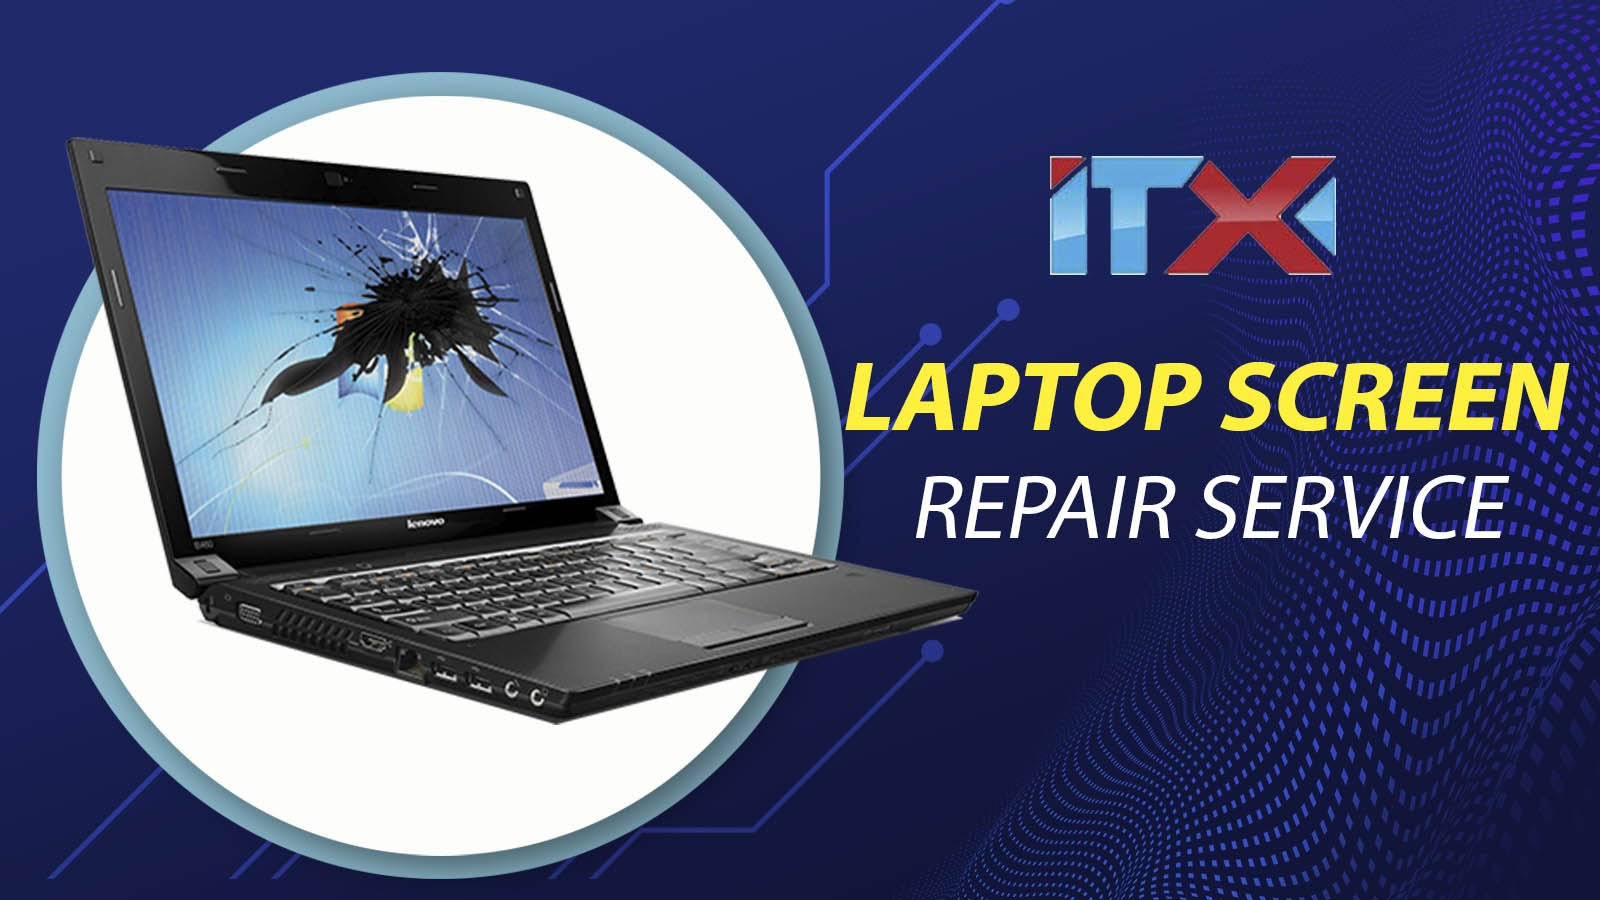 Laptop Screen Repair Service